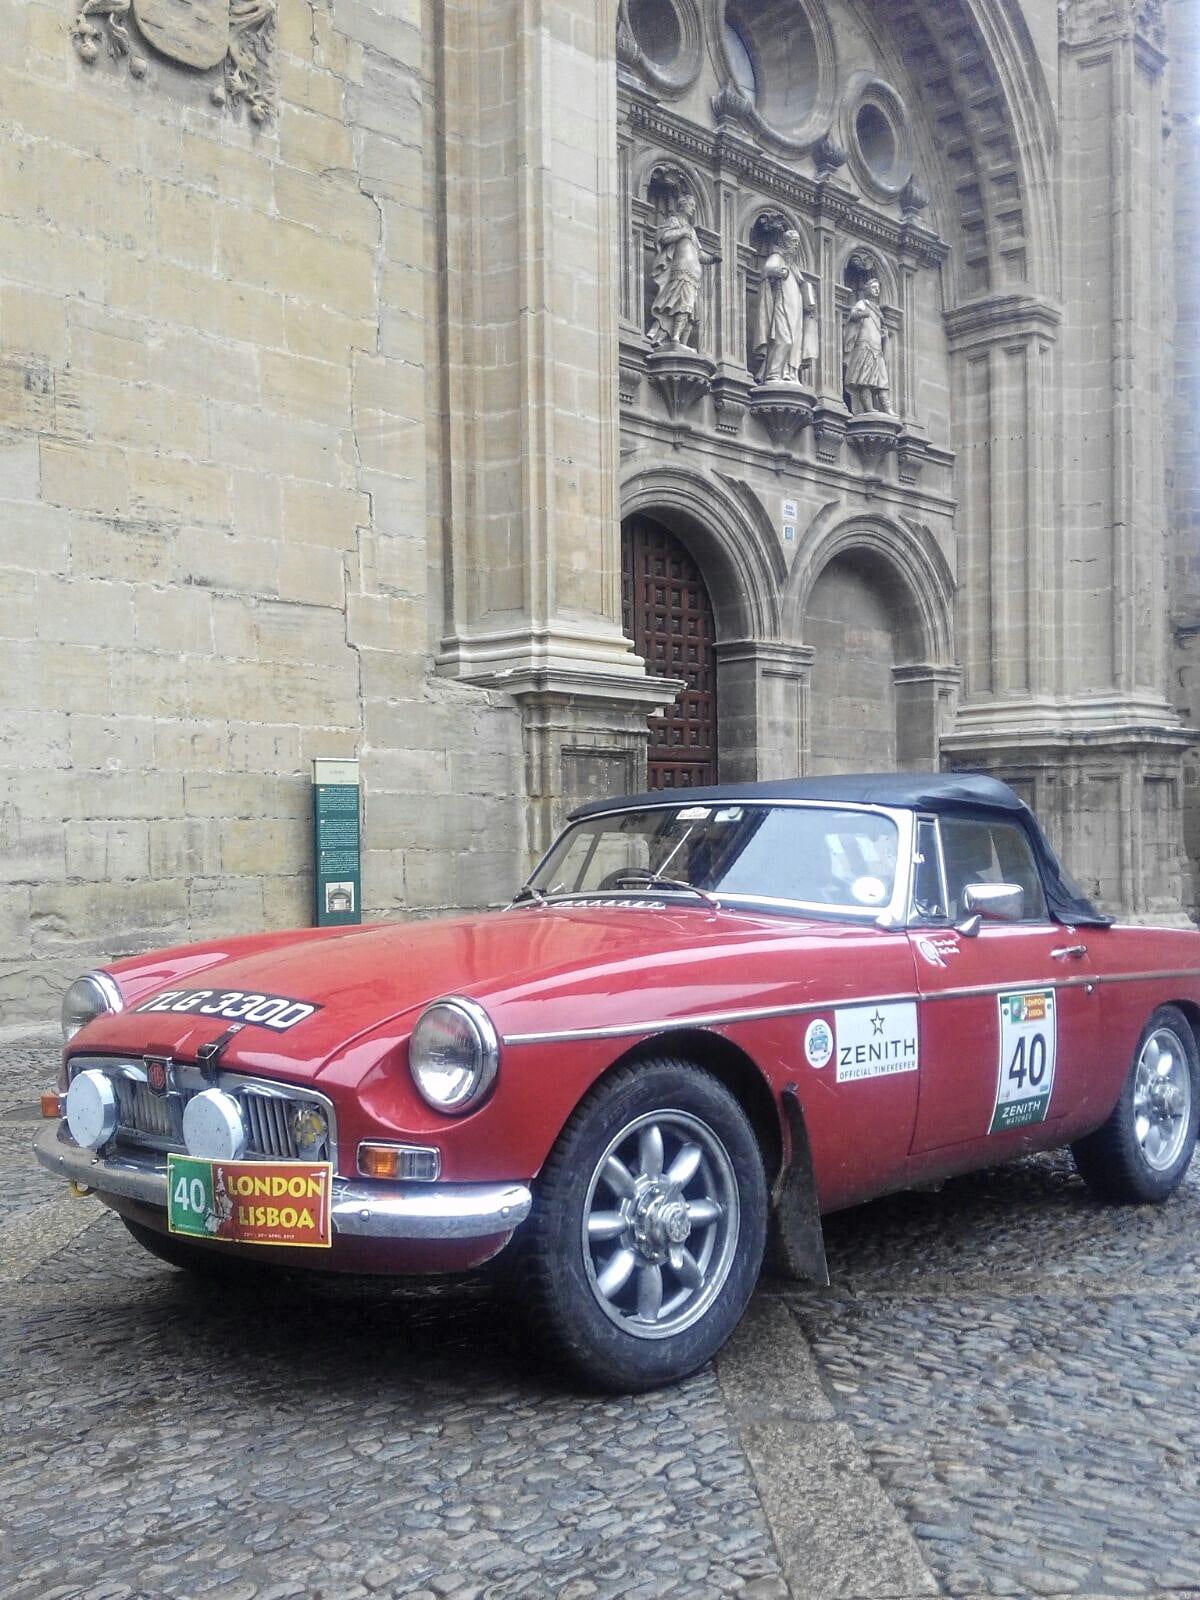 La prueba de coches clásicos Londres-Lisboa llega a Santo Domingo de La Calzada 17